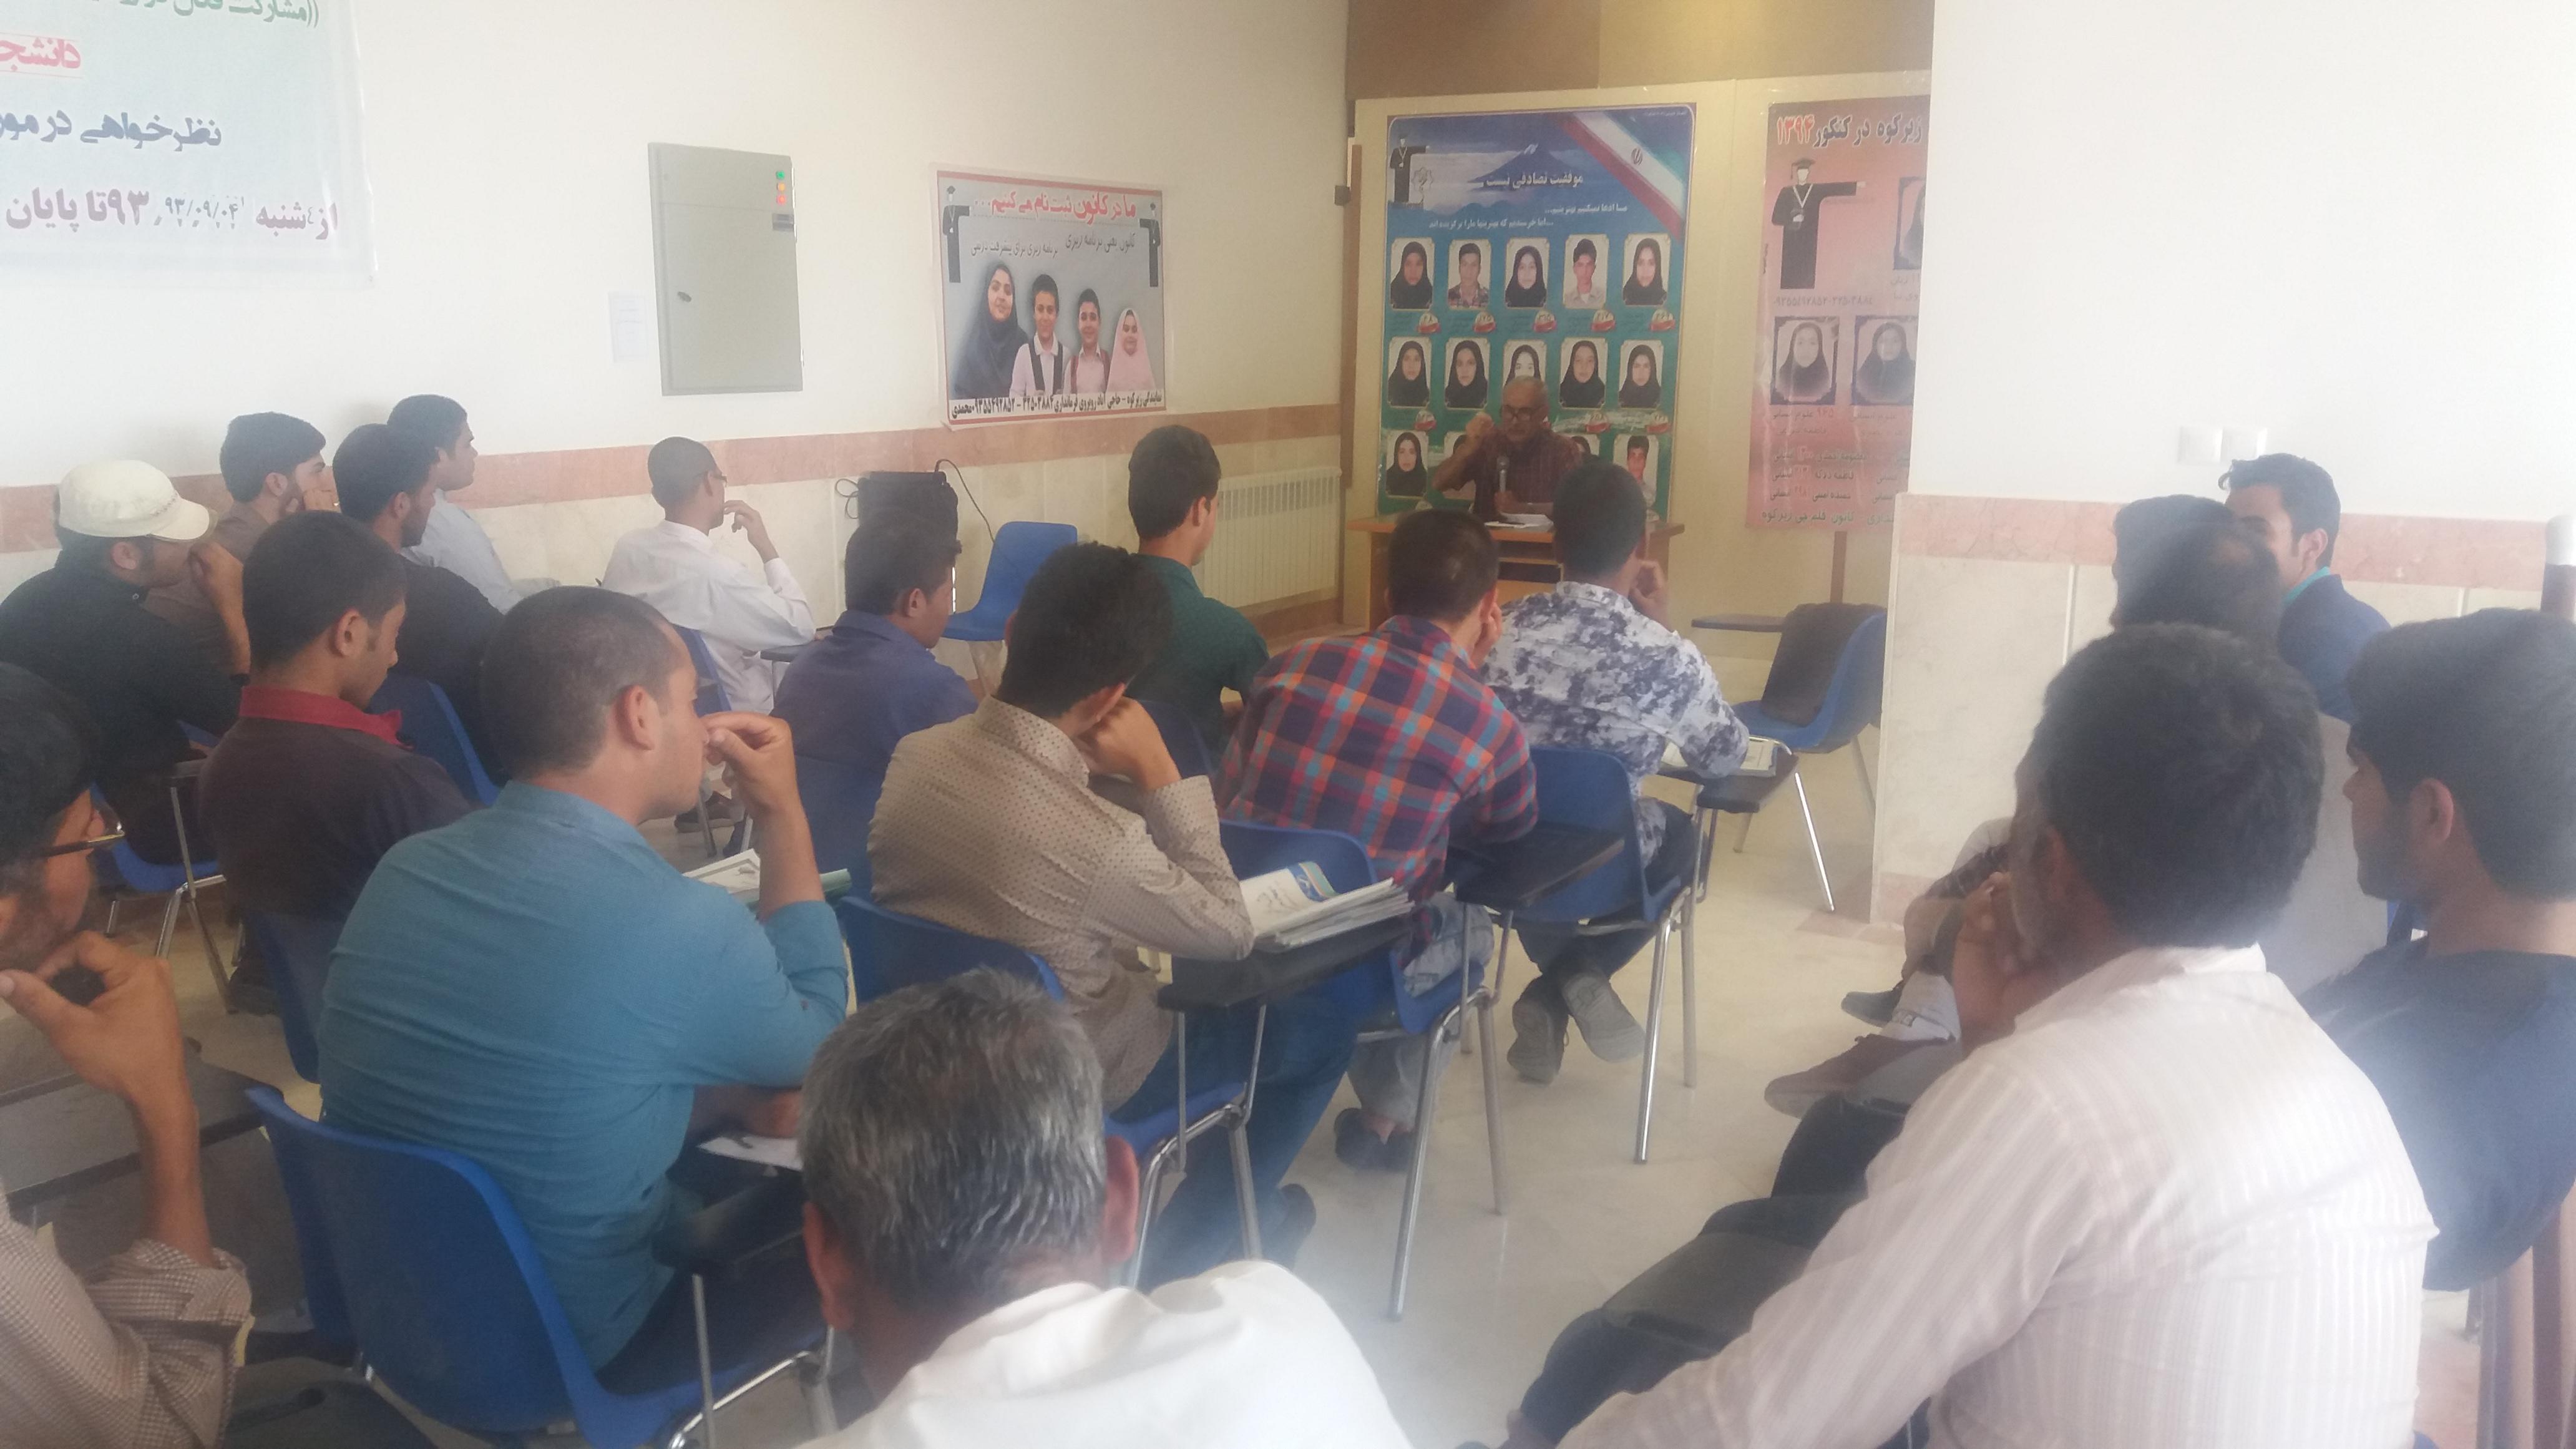 برگزاری جلسه مشاوره با حضور جناب اقای شوشتری(مسئول کانون قاین)